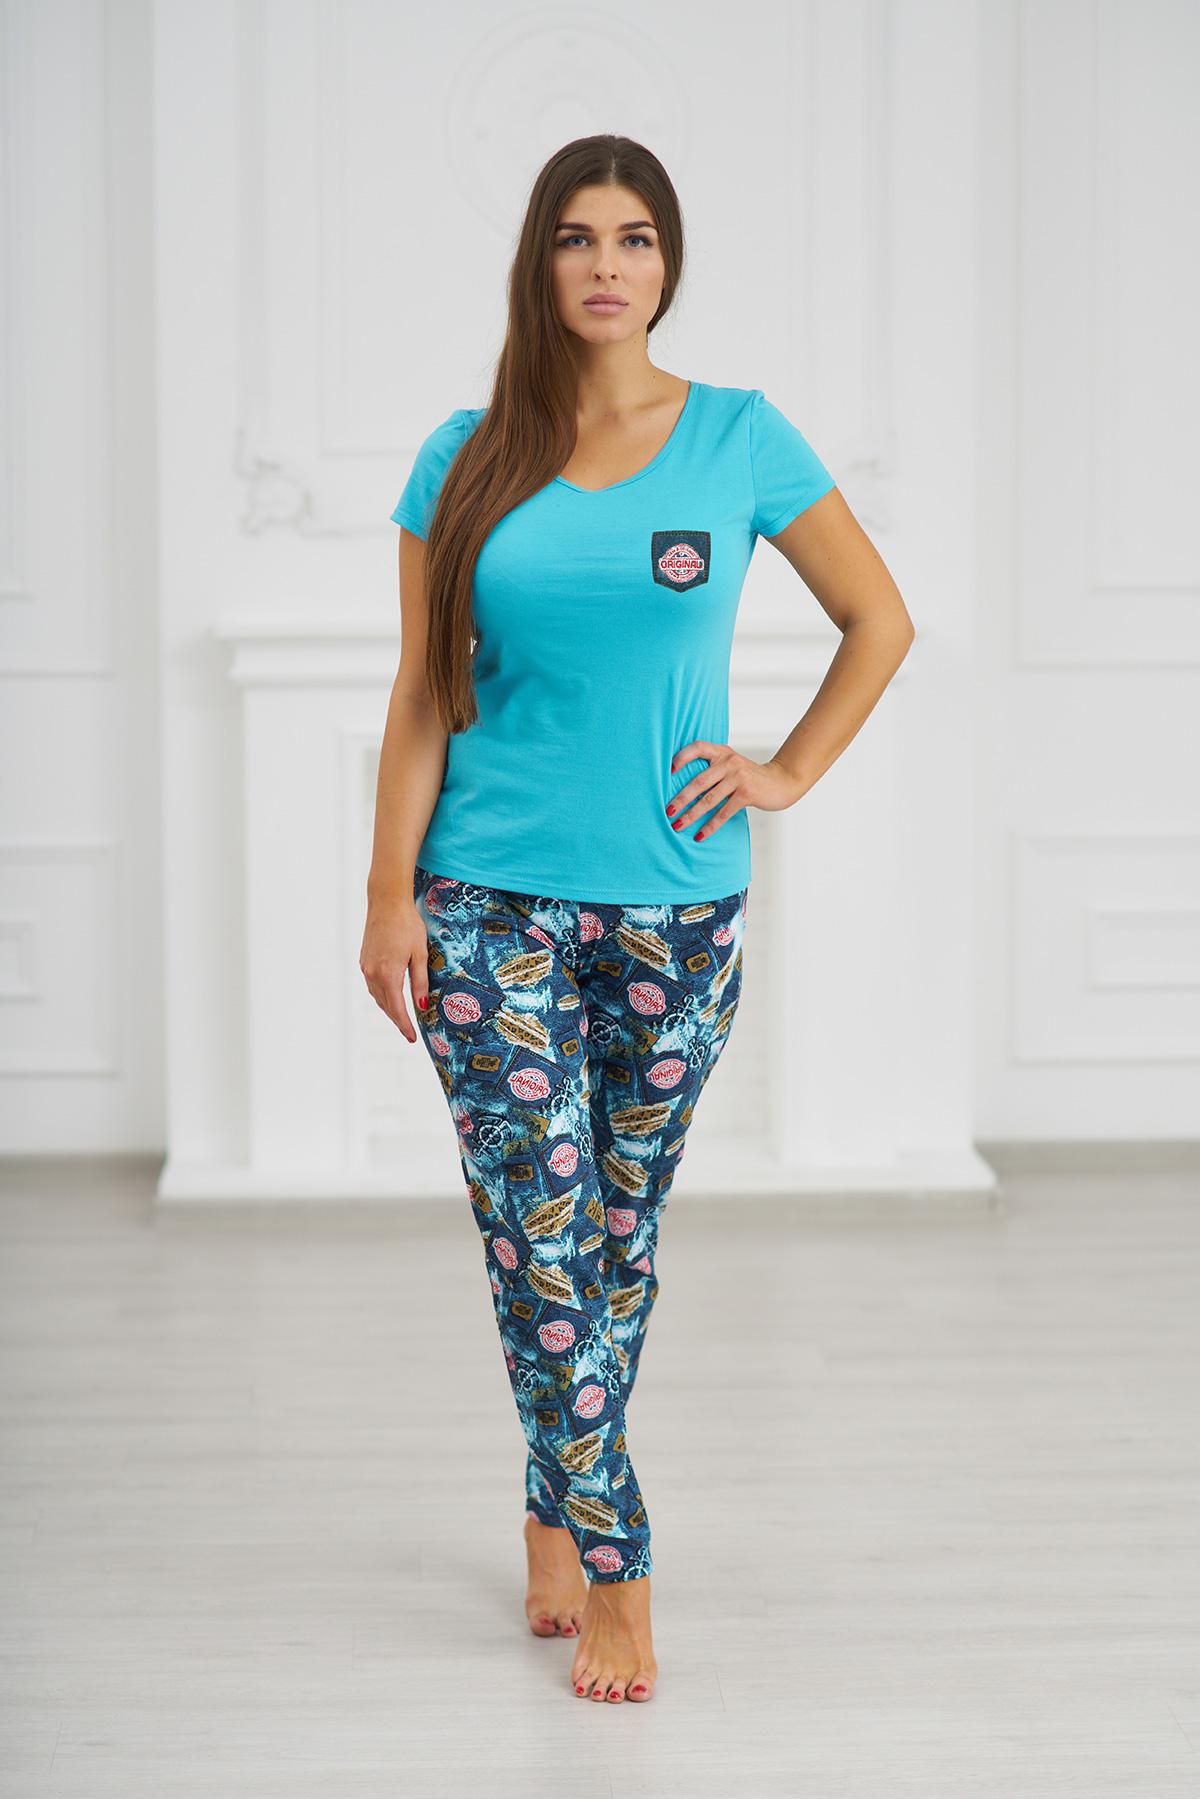 Жен. костюм  Красивый  Голубой р. 50 - Женская одежда артикул: 30562